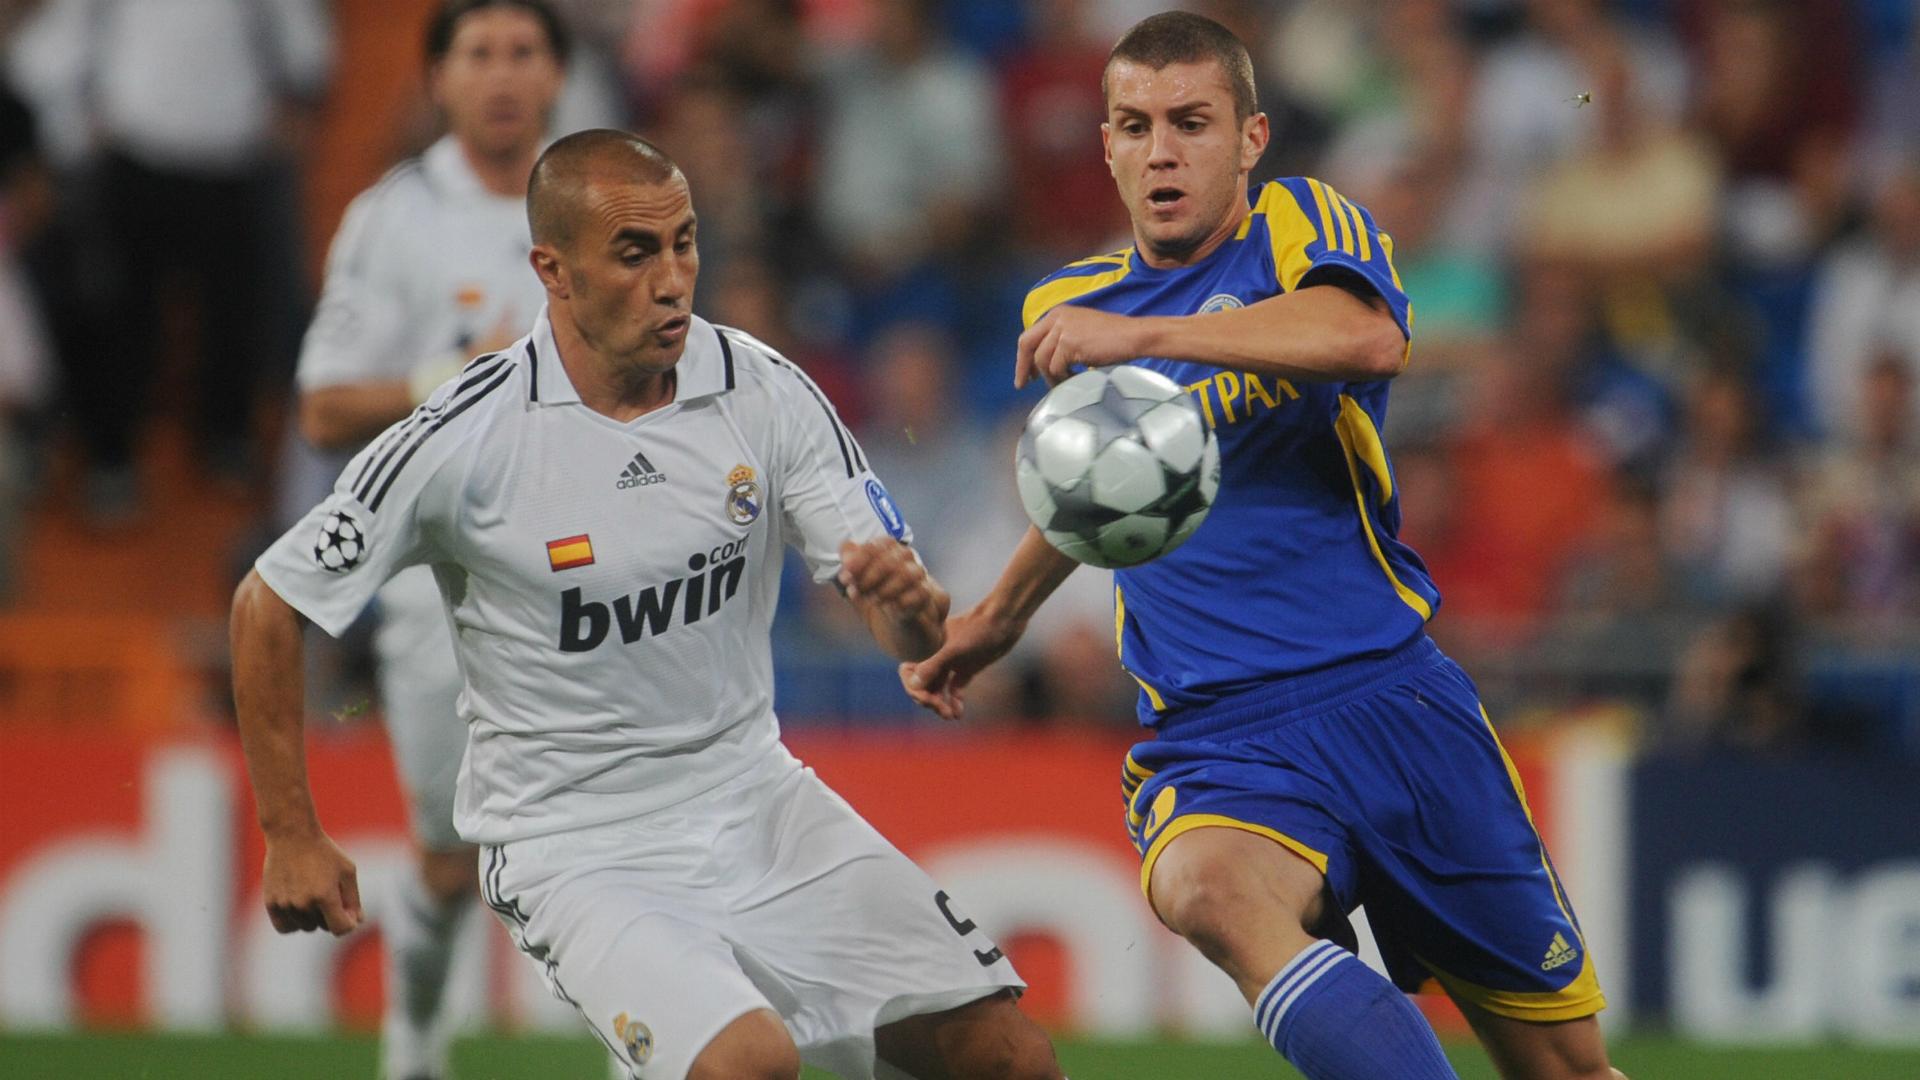 Vladislav-mirchev-fabio-cannavaro-bate-borisov-real-madrid-champions-league_4wvwrg4tca7r1ijm5jg1yymue